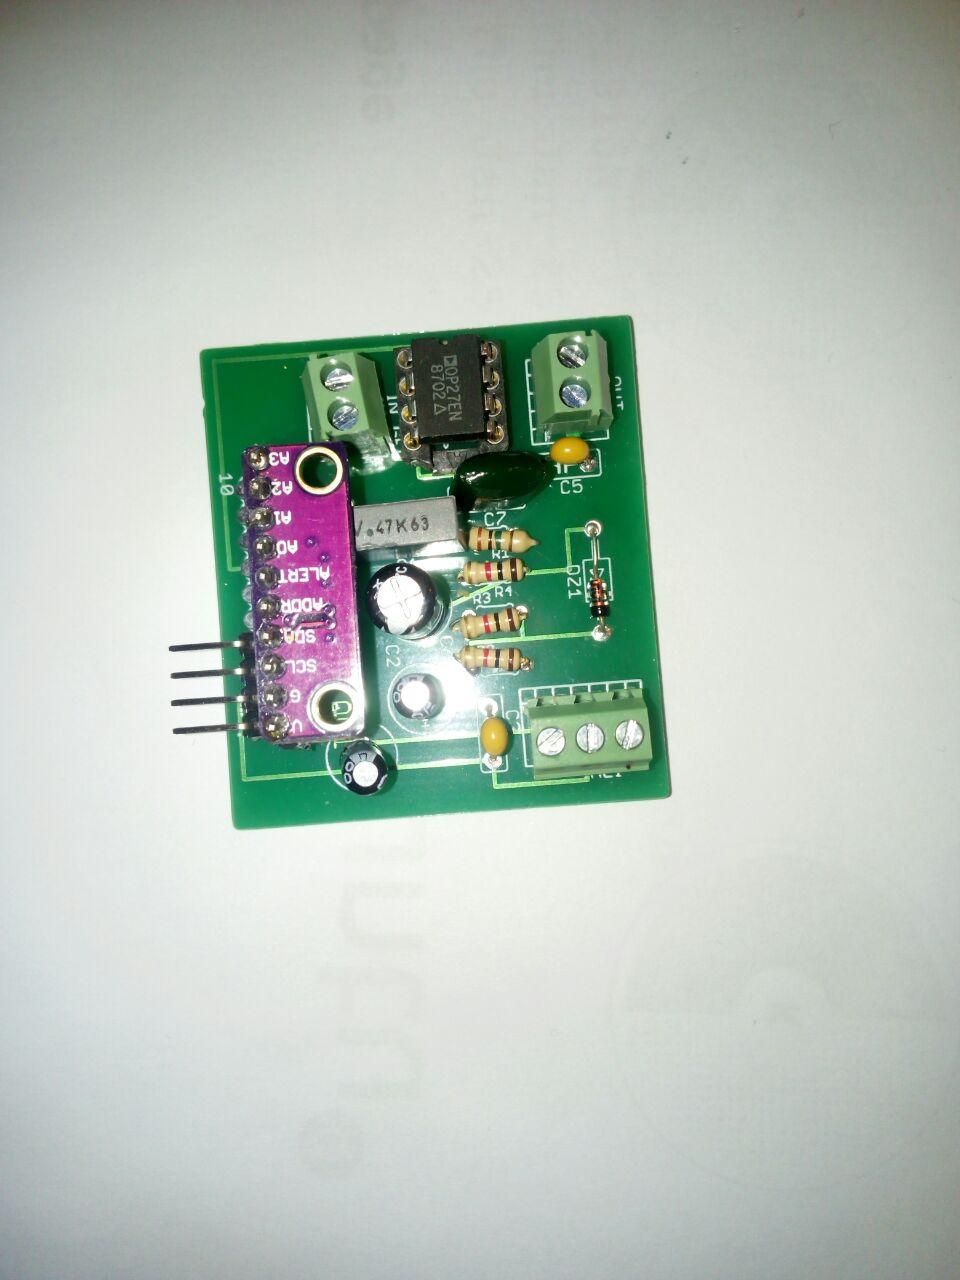 http://www.energialternativa.info/public/newforum/ForumEA/S/438715409_172051.jpg